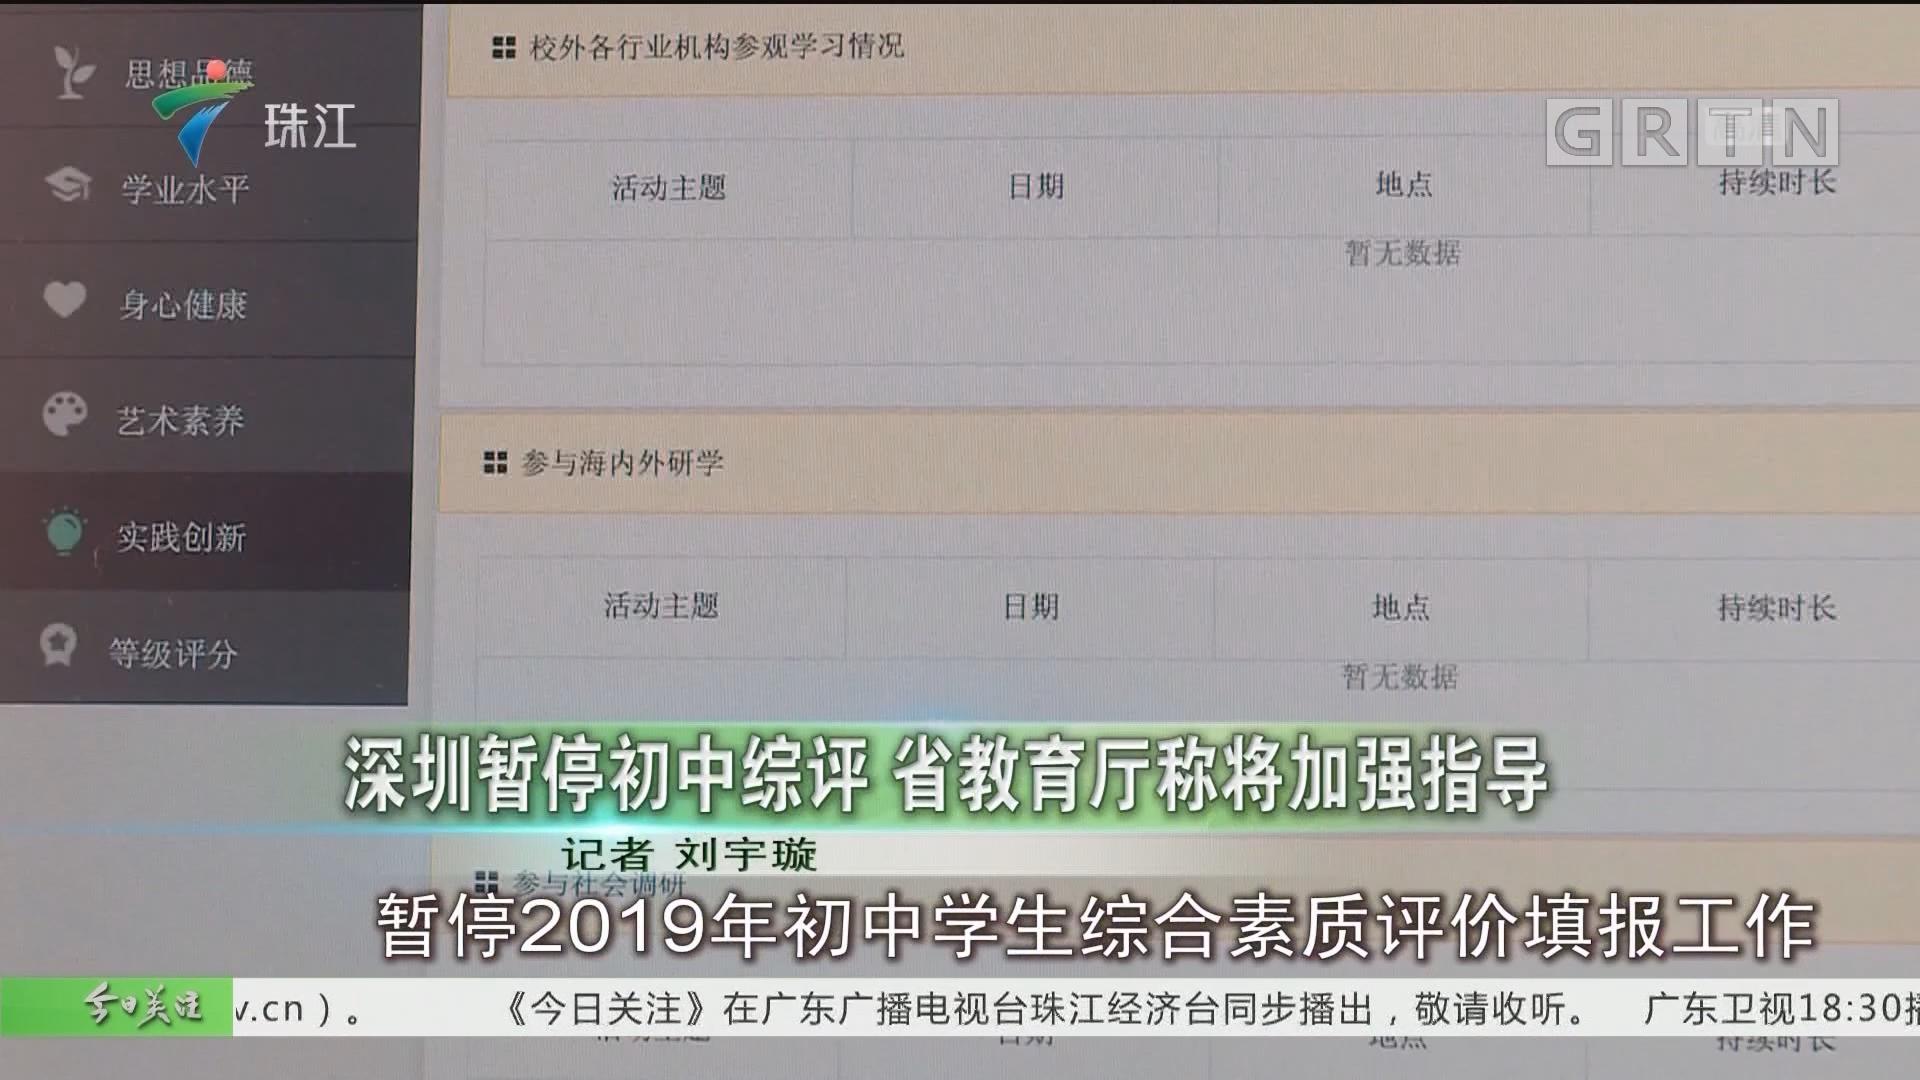 深圳暂停初中综评 省教育厅称将加强指导